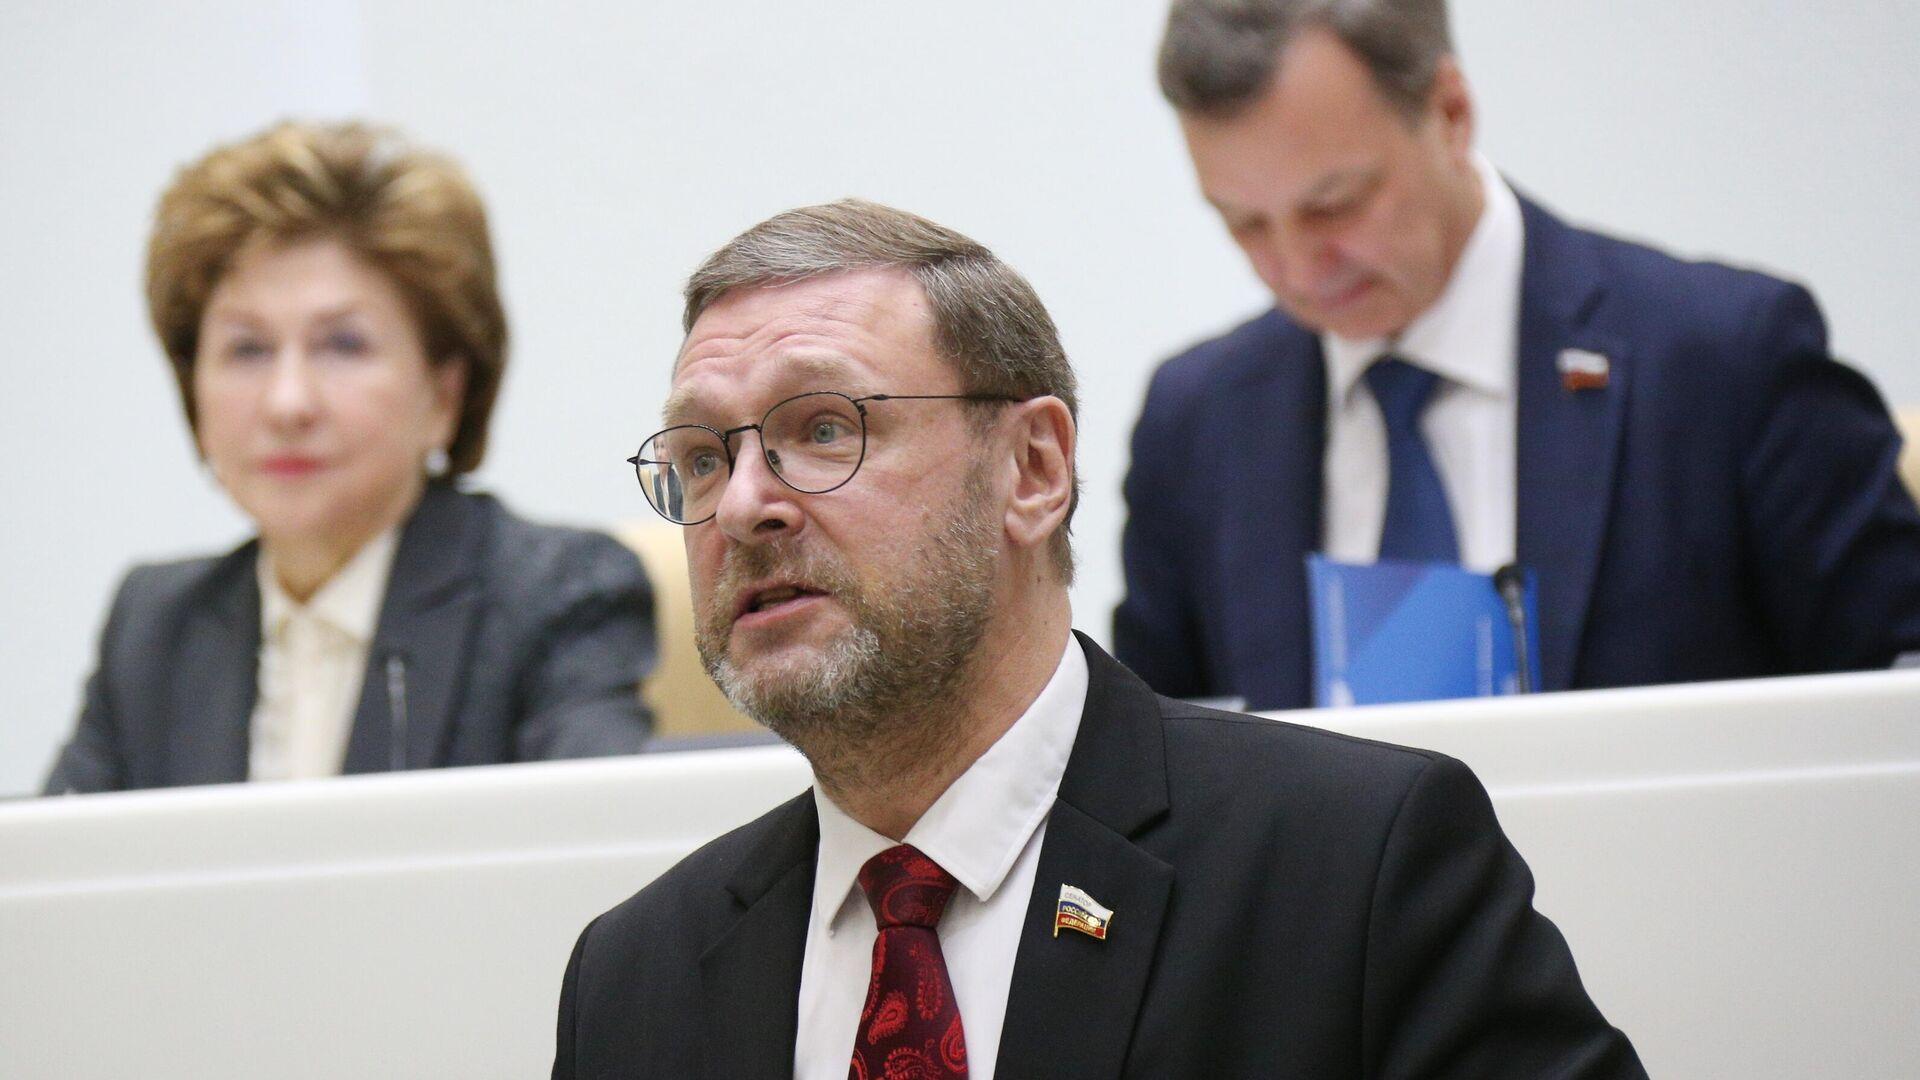 Константин Косачев выступает на заседании Совета Федерации РФ - РИА Новости, 1920, 29.04.2021